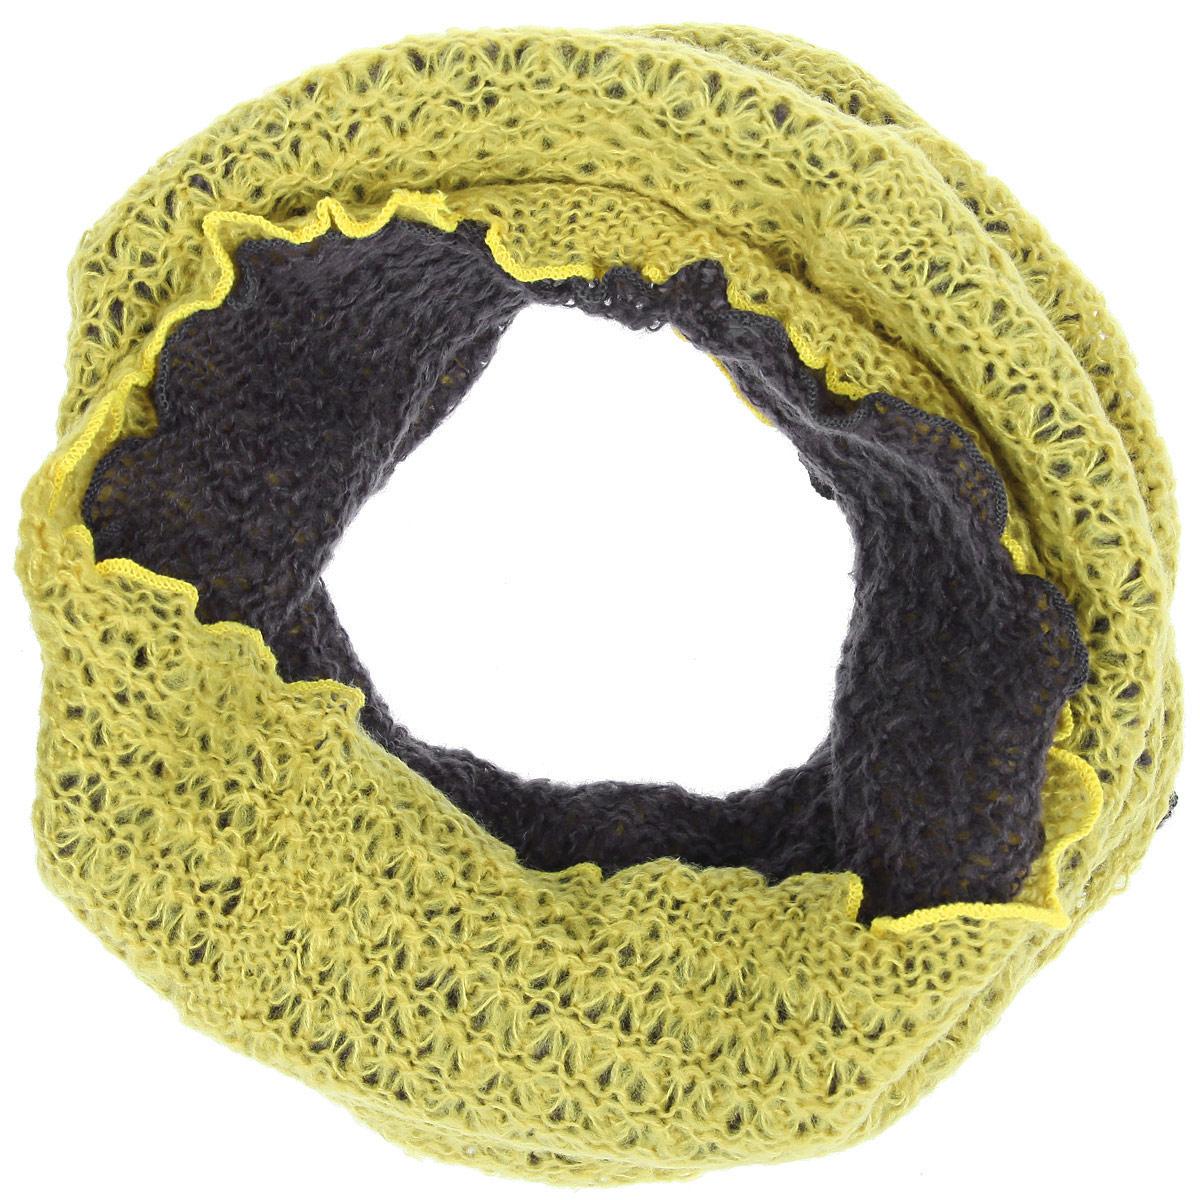 Снуд-хомут женский. BL52-2344BL52-2344-12Женский вязаный снуд-хомут Eleganzza станет отличным дополнением к гардеробу в холодную погоду. Изготовленный из высококачественной пряжи с содержанием шерсти и мохера, он необычайно мягкий и приятный на ощупь, максимально сохраняет тепло. Шарф-снуд состоит из двух частей разного цвета, края которых обработаны декоративным оверлоком, придающим им волнообразную окантовку. Каждую часть изделия можно использовать как вместе, сочетая цвета, так и по отдельности. Модный аксессуар гармонично дополнит образ современной женщины, следящей за своим имиджем и стремящейся всегда оставаться стильной.